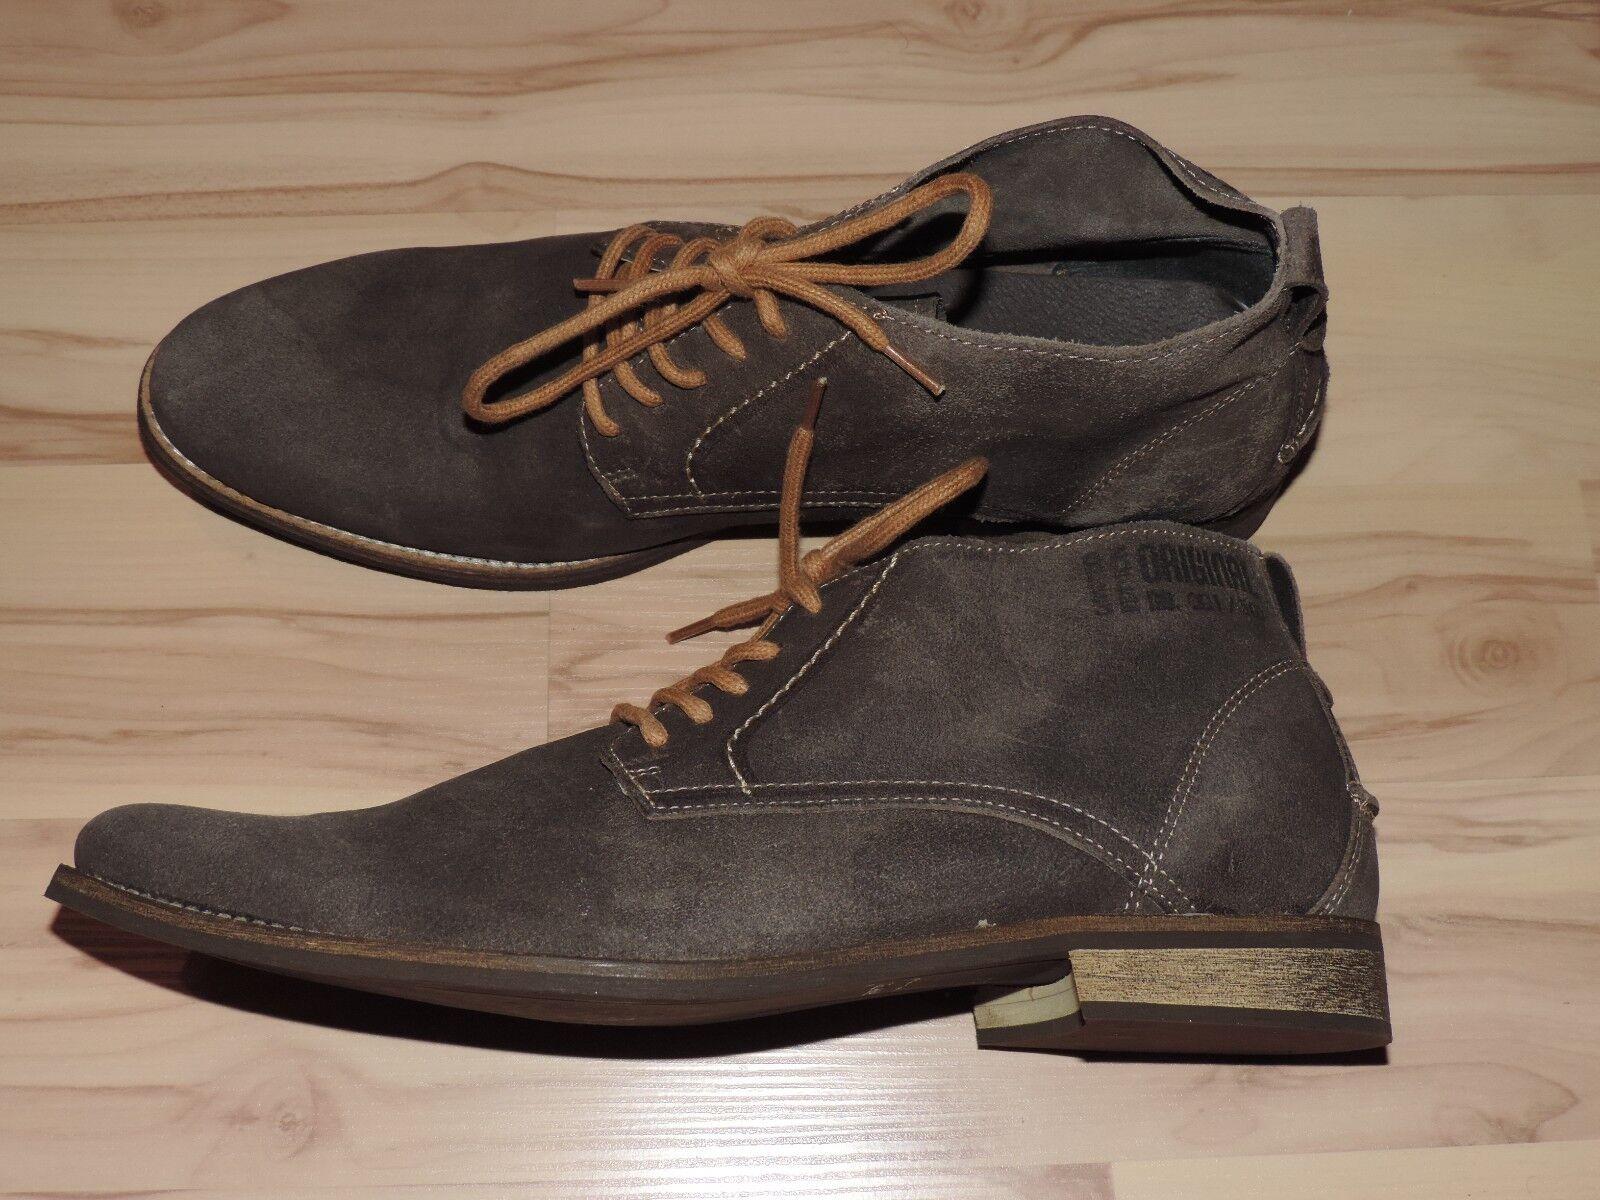 ZIGN Herrenschuhe, Herrenschuhe, ZIGN Boots Schnürschuhe Gr. 44 447746